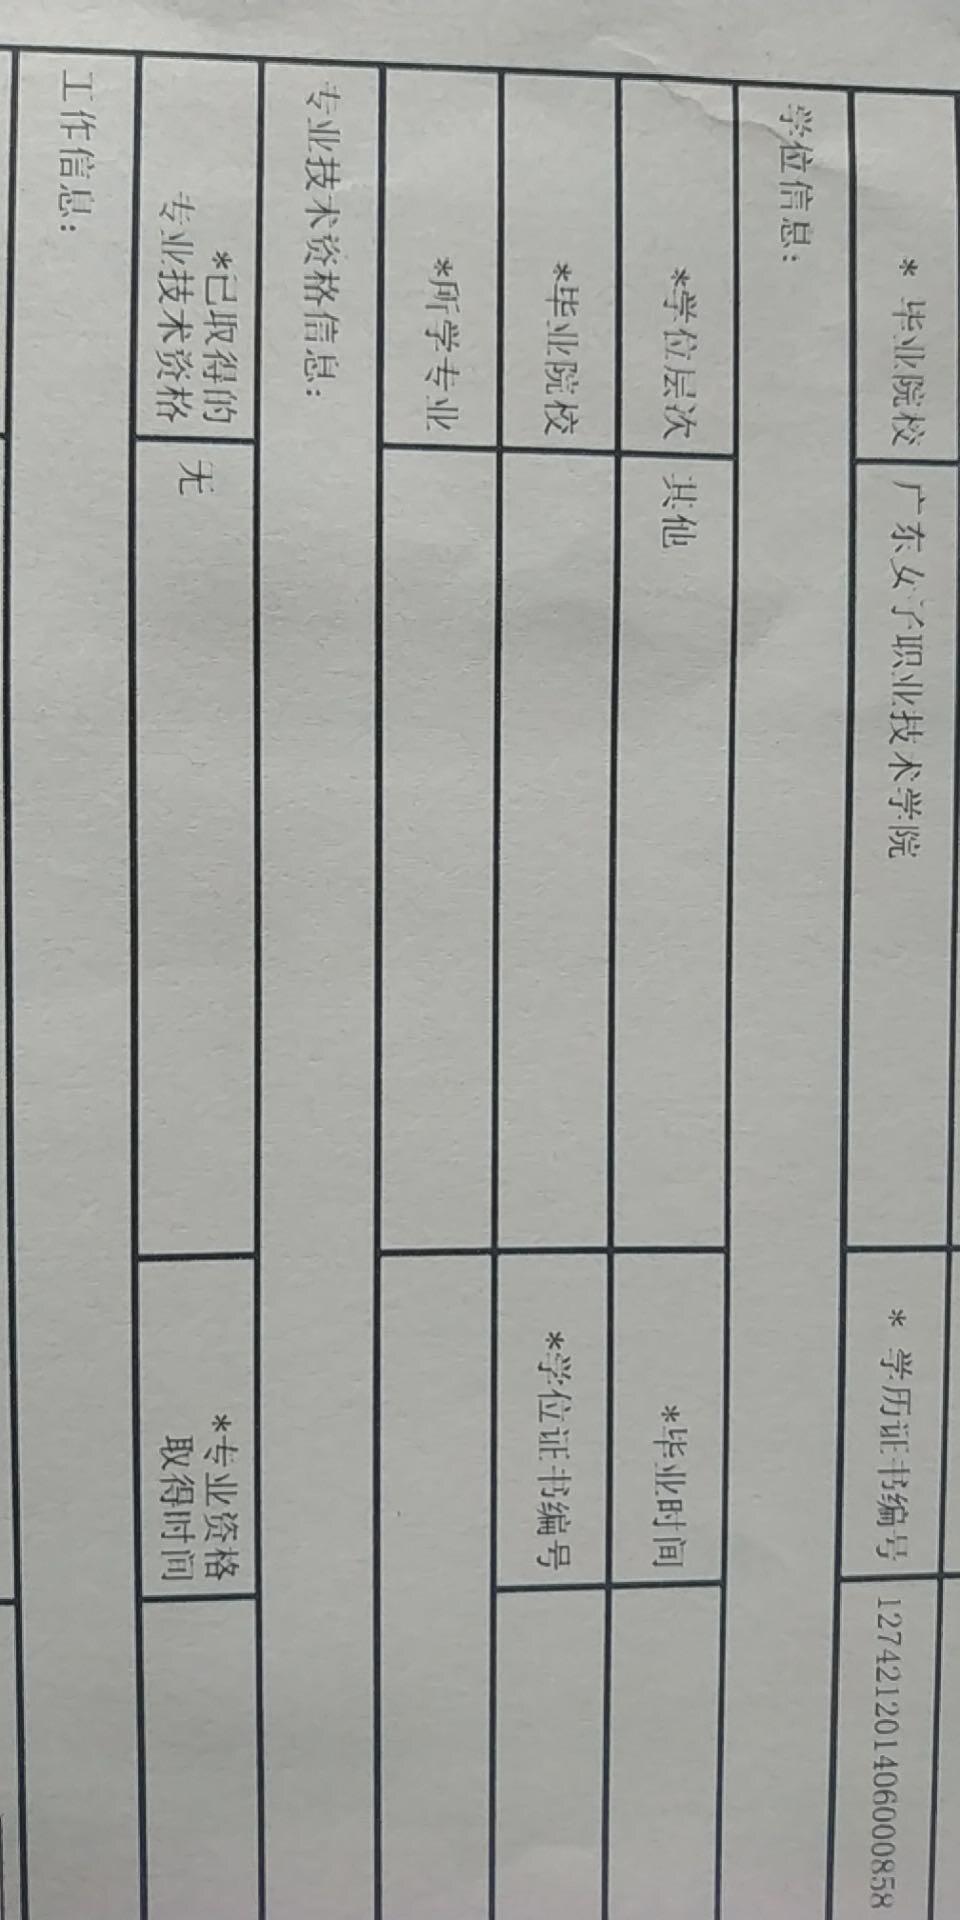 我问另外一个地方的老师,他们说不会影响审核